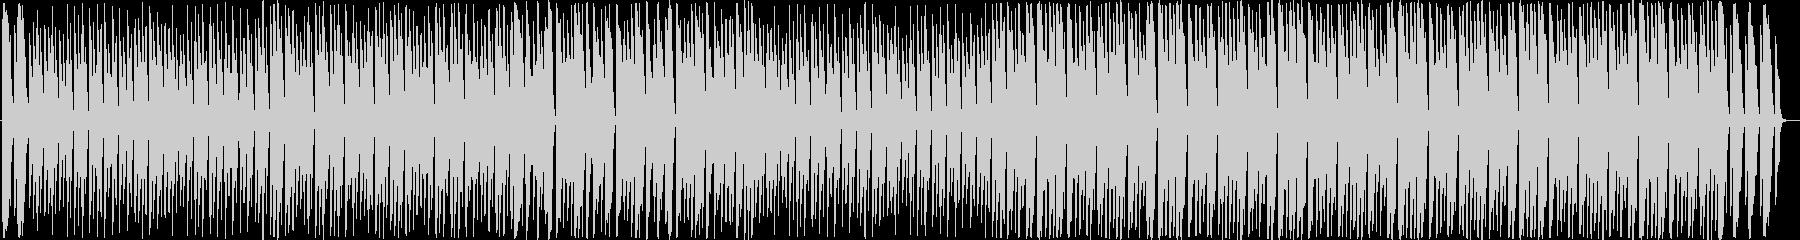 マリンバとギターのほのぼのとしたポップスの未再生の波形